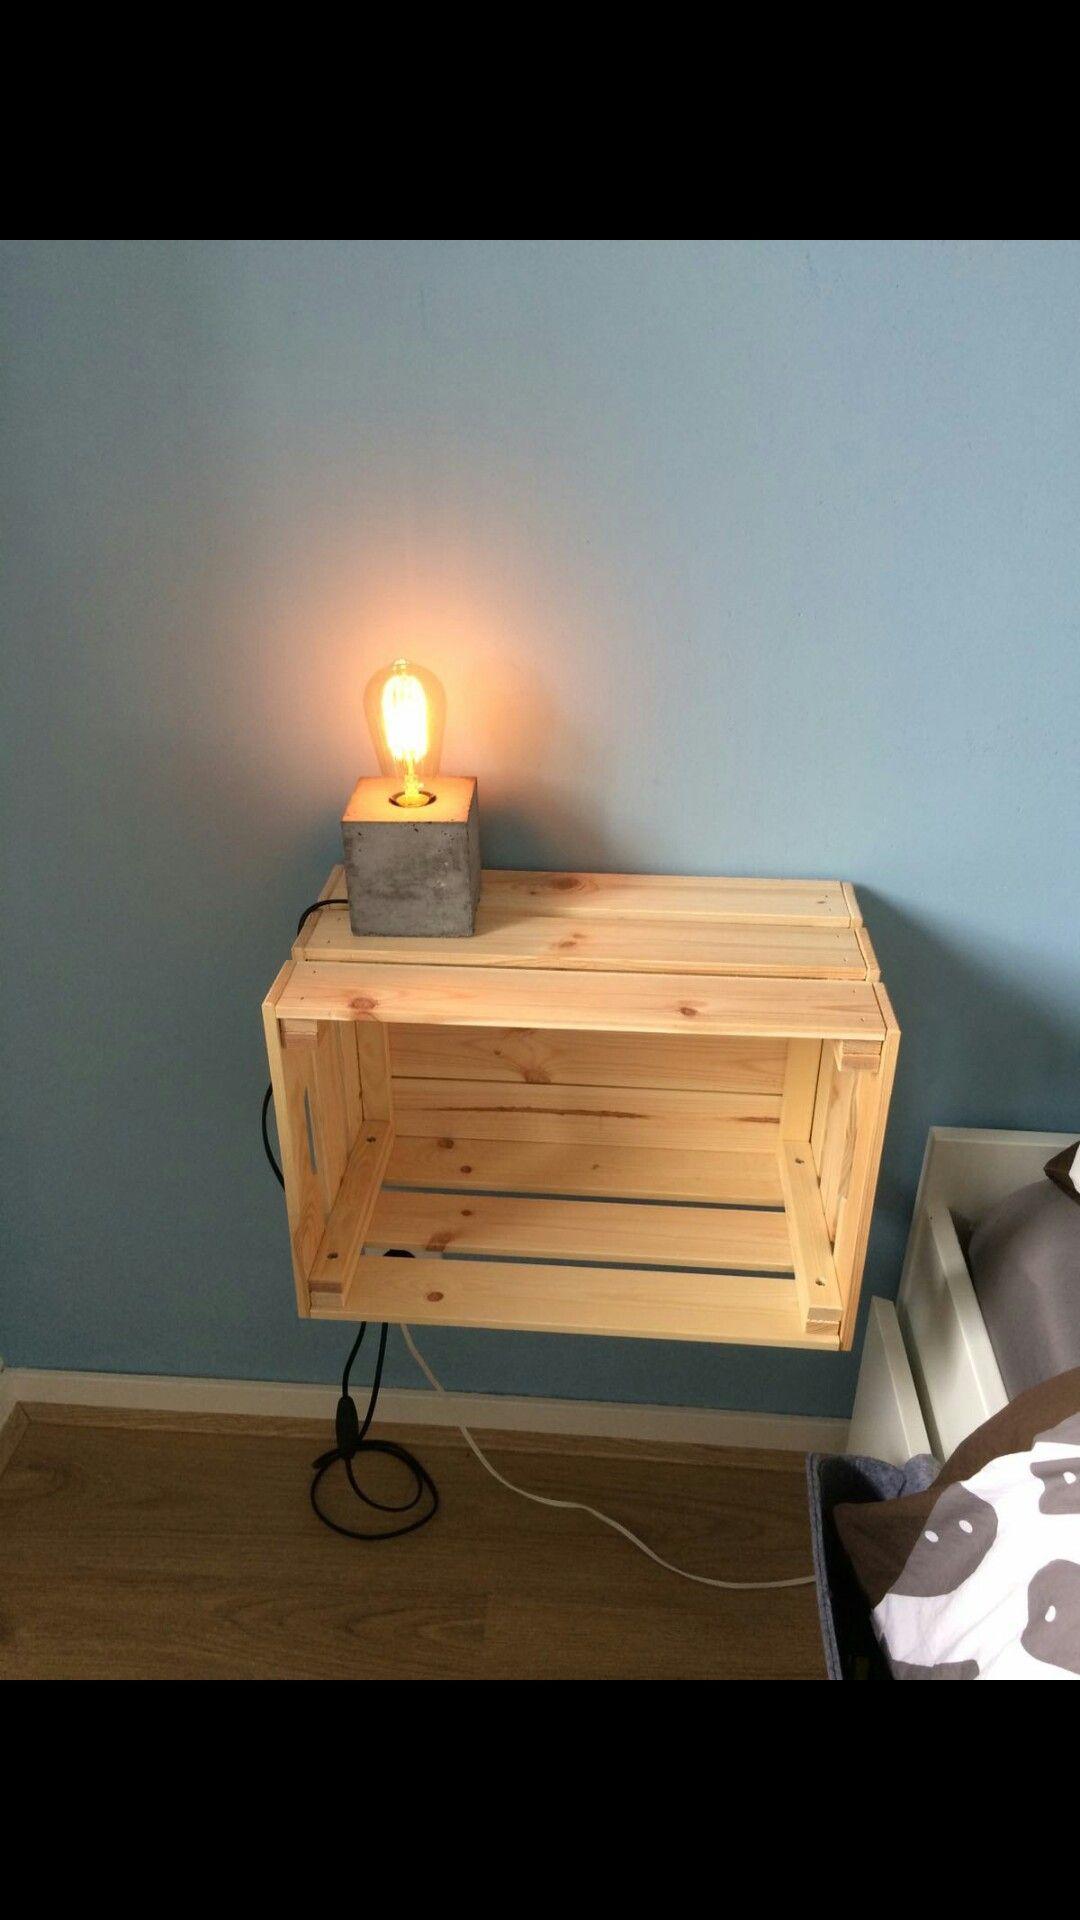 Leuk nachtkastje met lampje #nachtkastje #slaapkamer #peertje ...